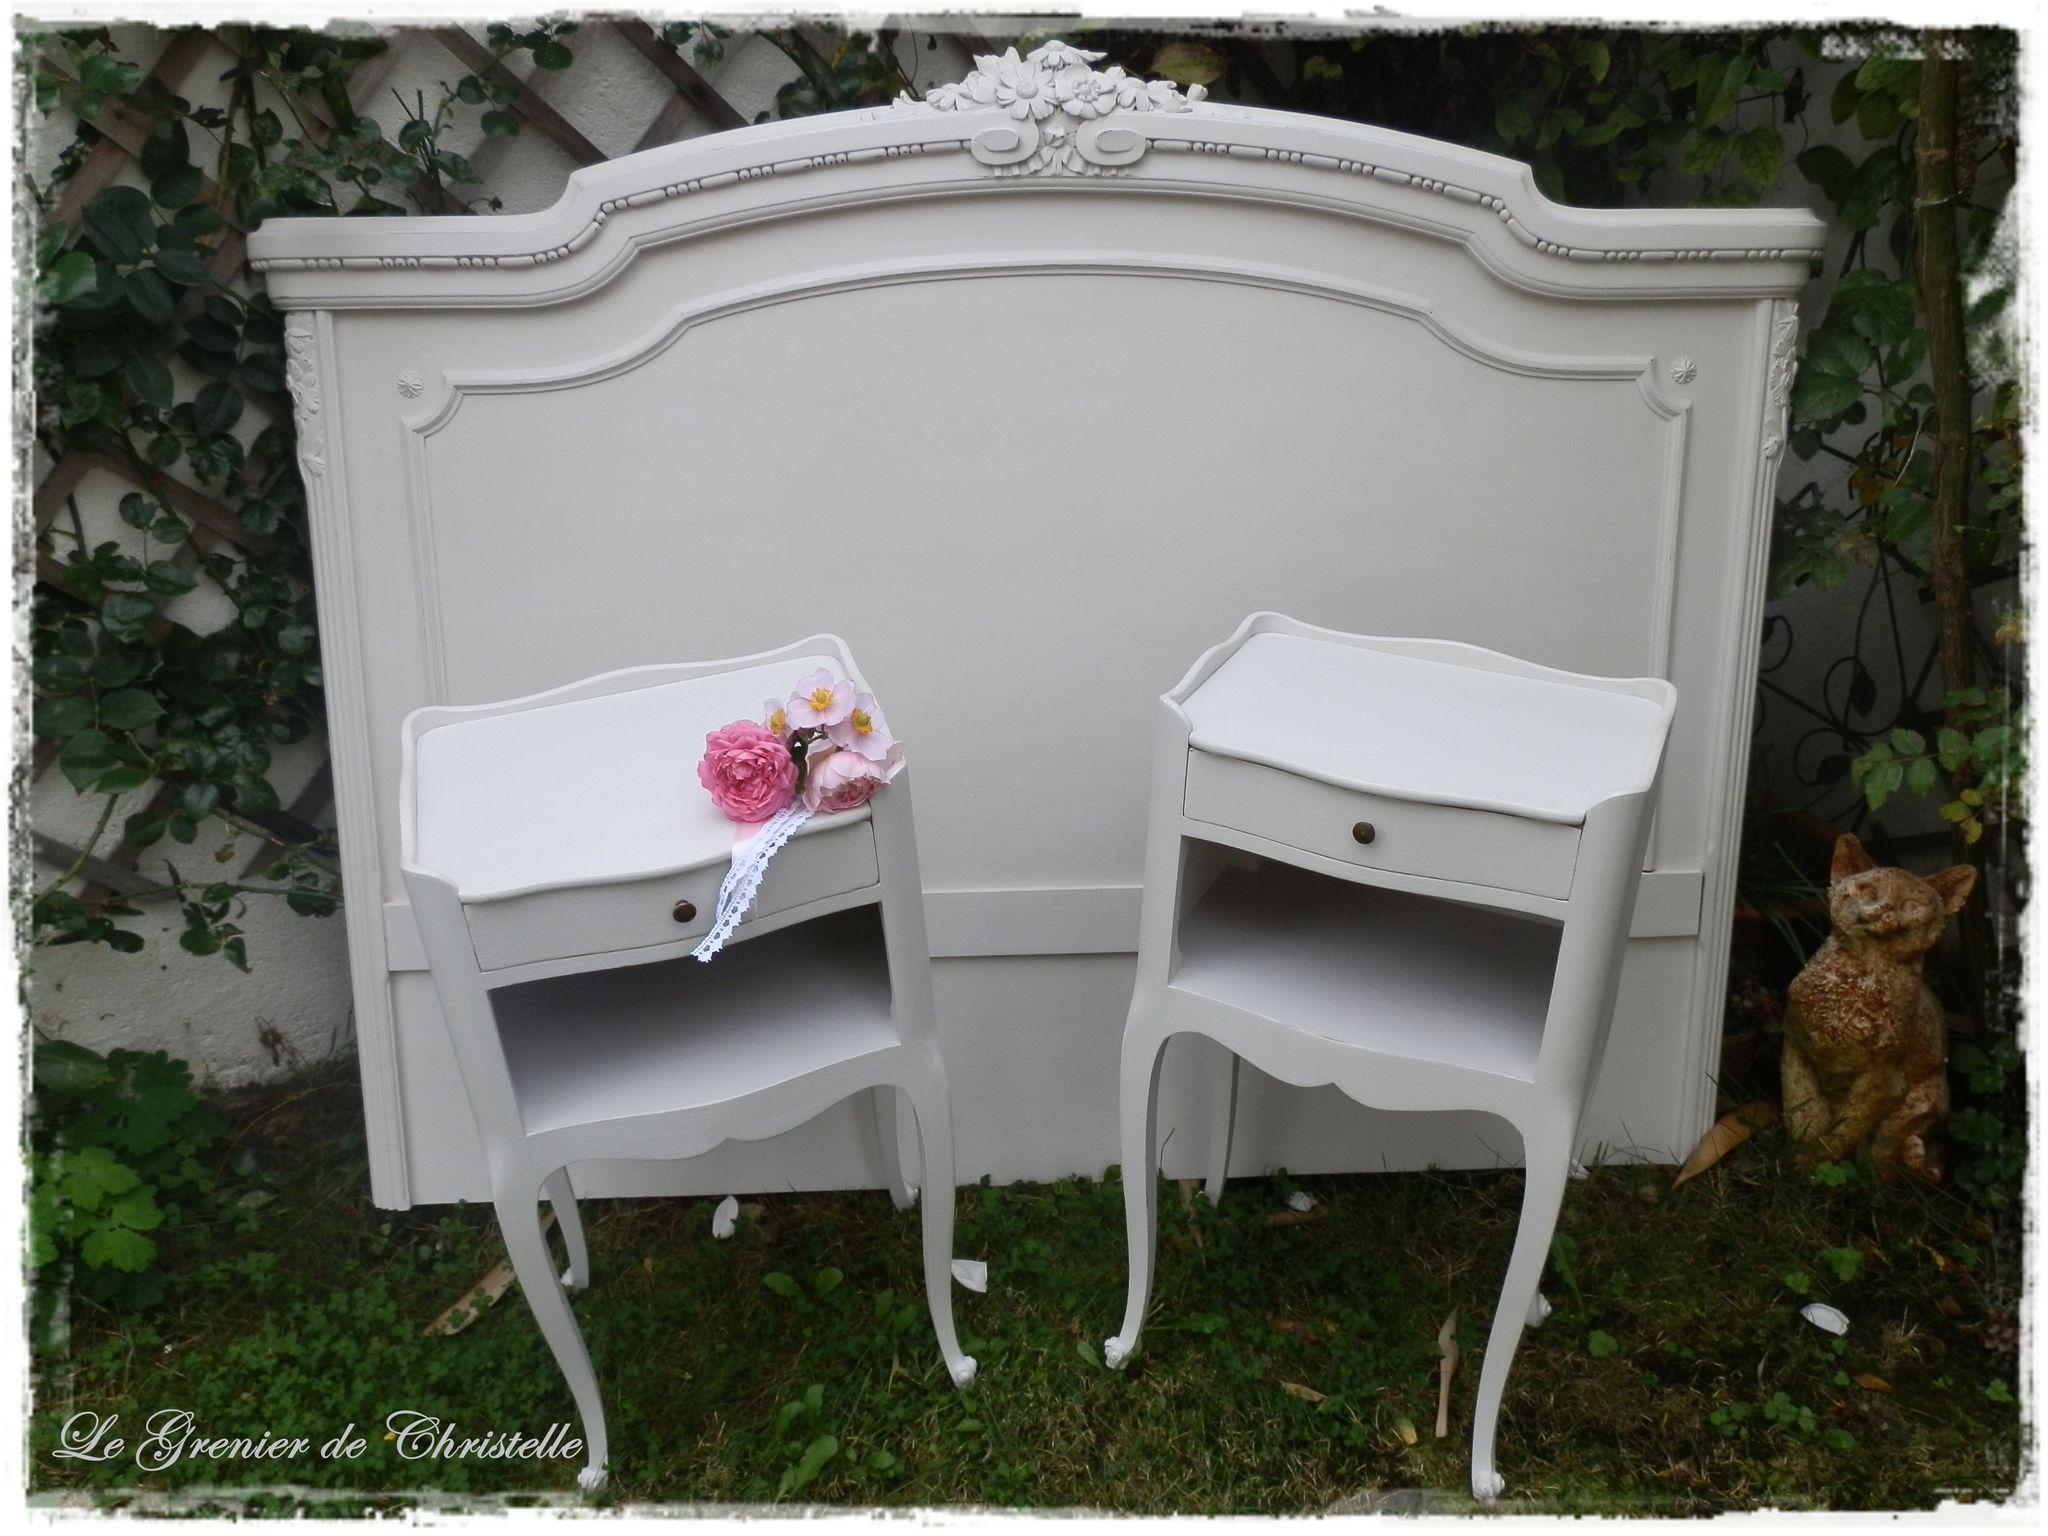 mes petits meubles patin s album photos le grenier de christelle. Black Bedroom Furniture Sets. Home Design Ideas